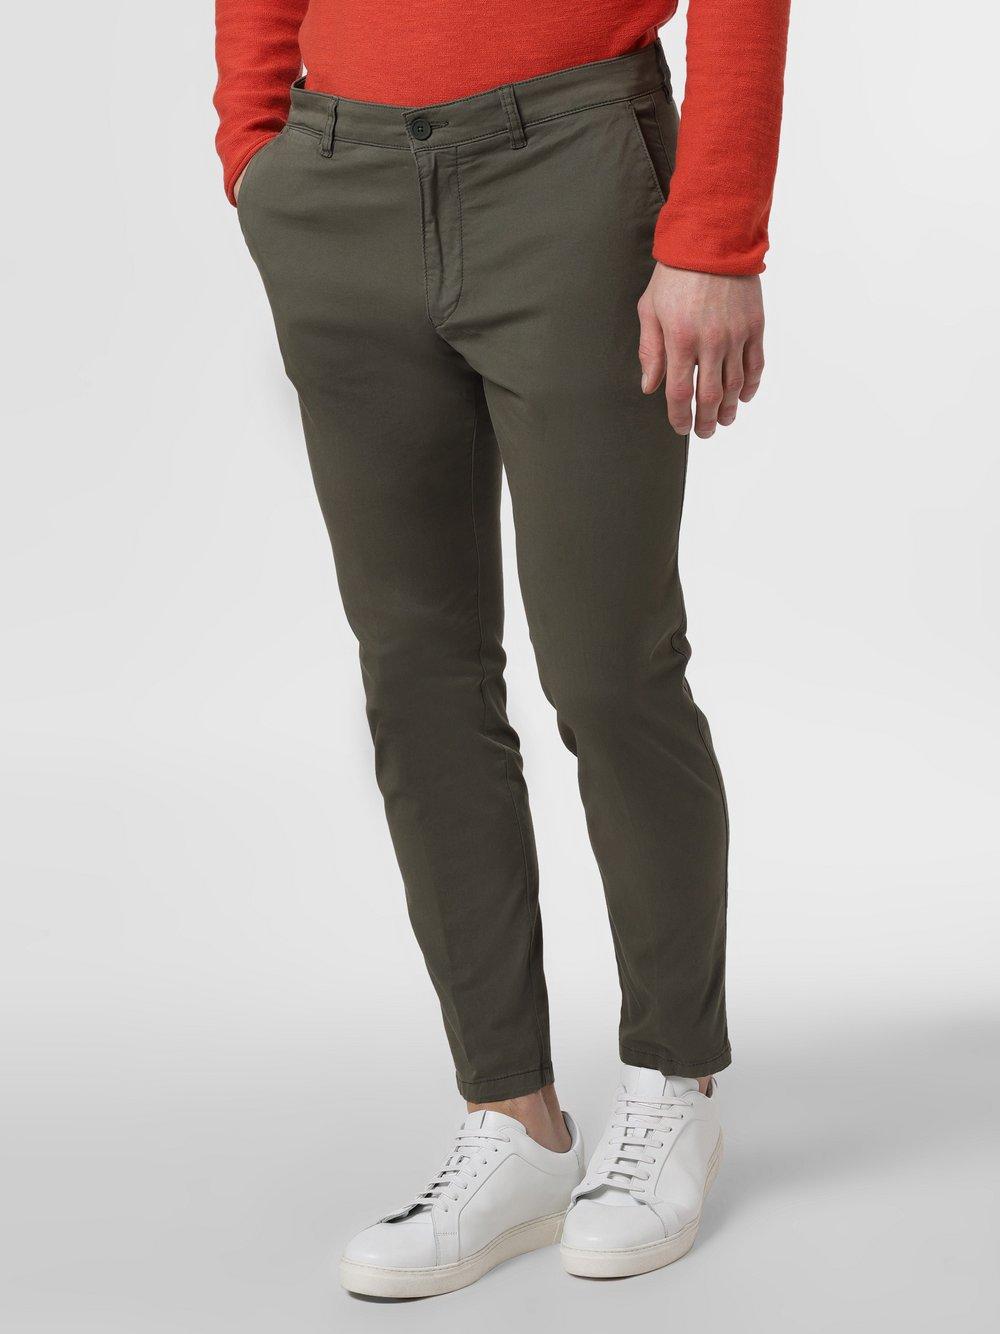 Drykorn - Spodnie męskie – Mad, zielony